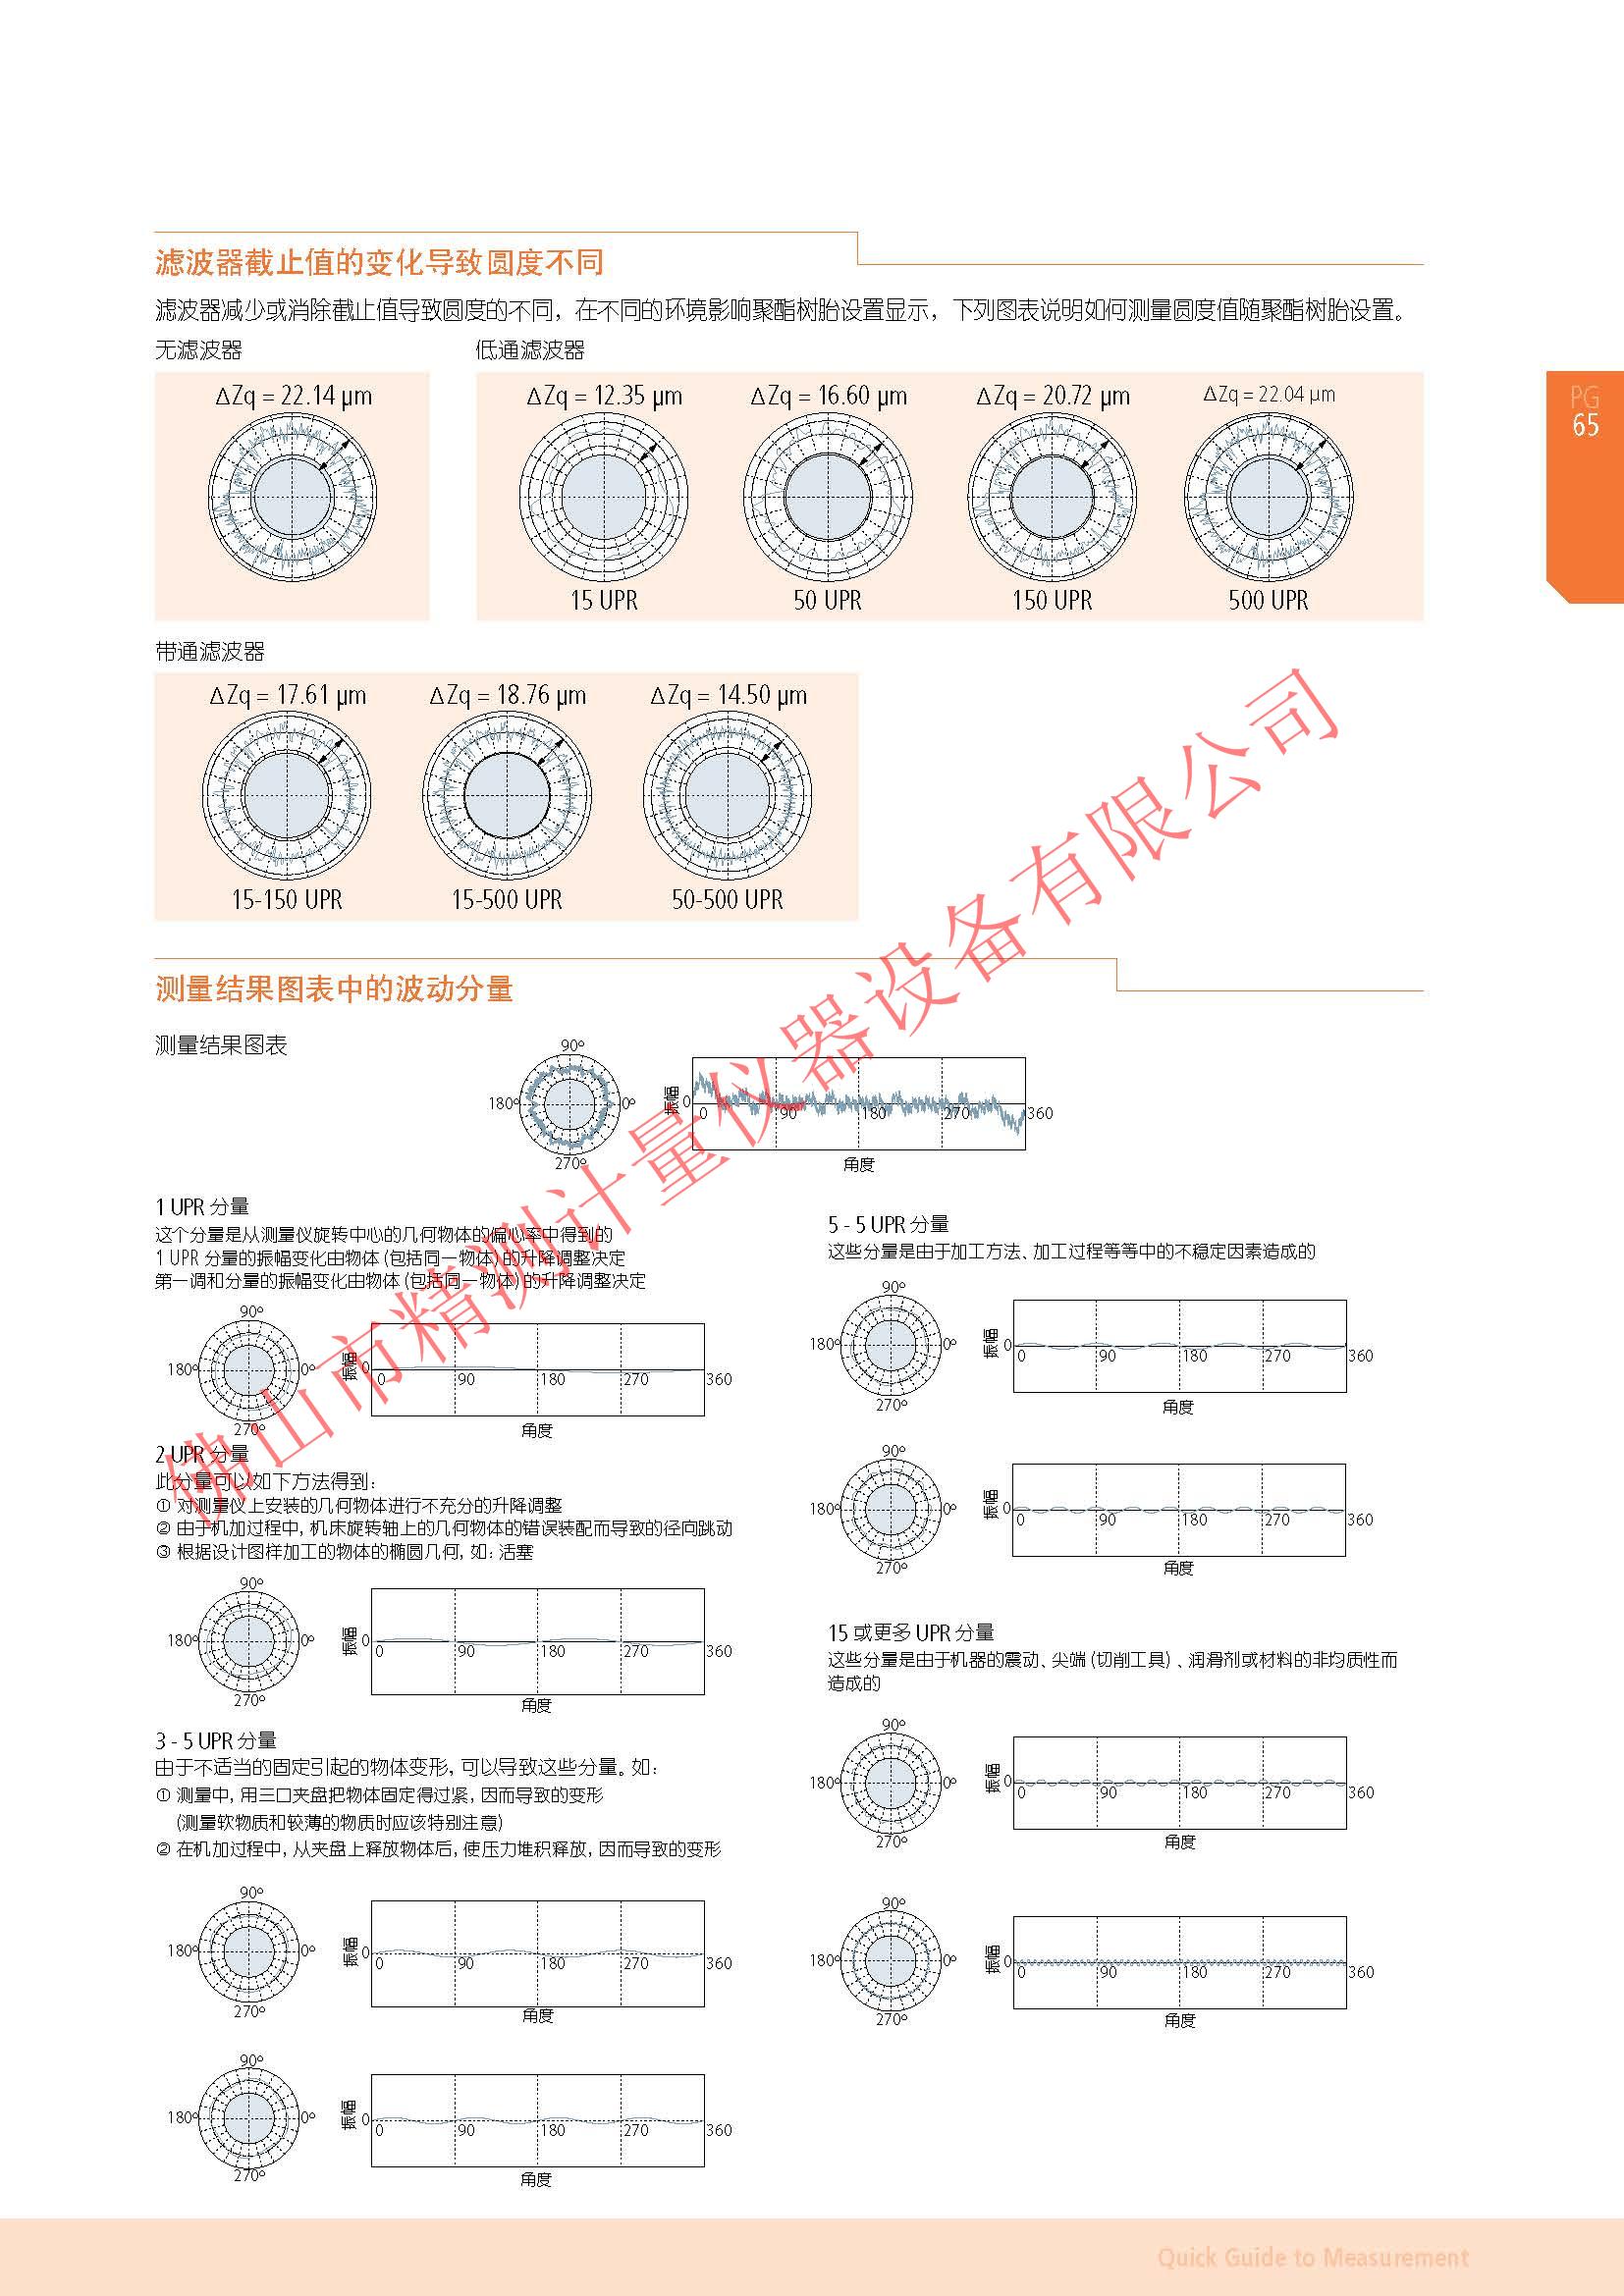 mitutoyo三丰圆度圆柱度测量仪测试使用方法介绍